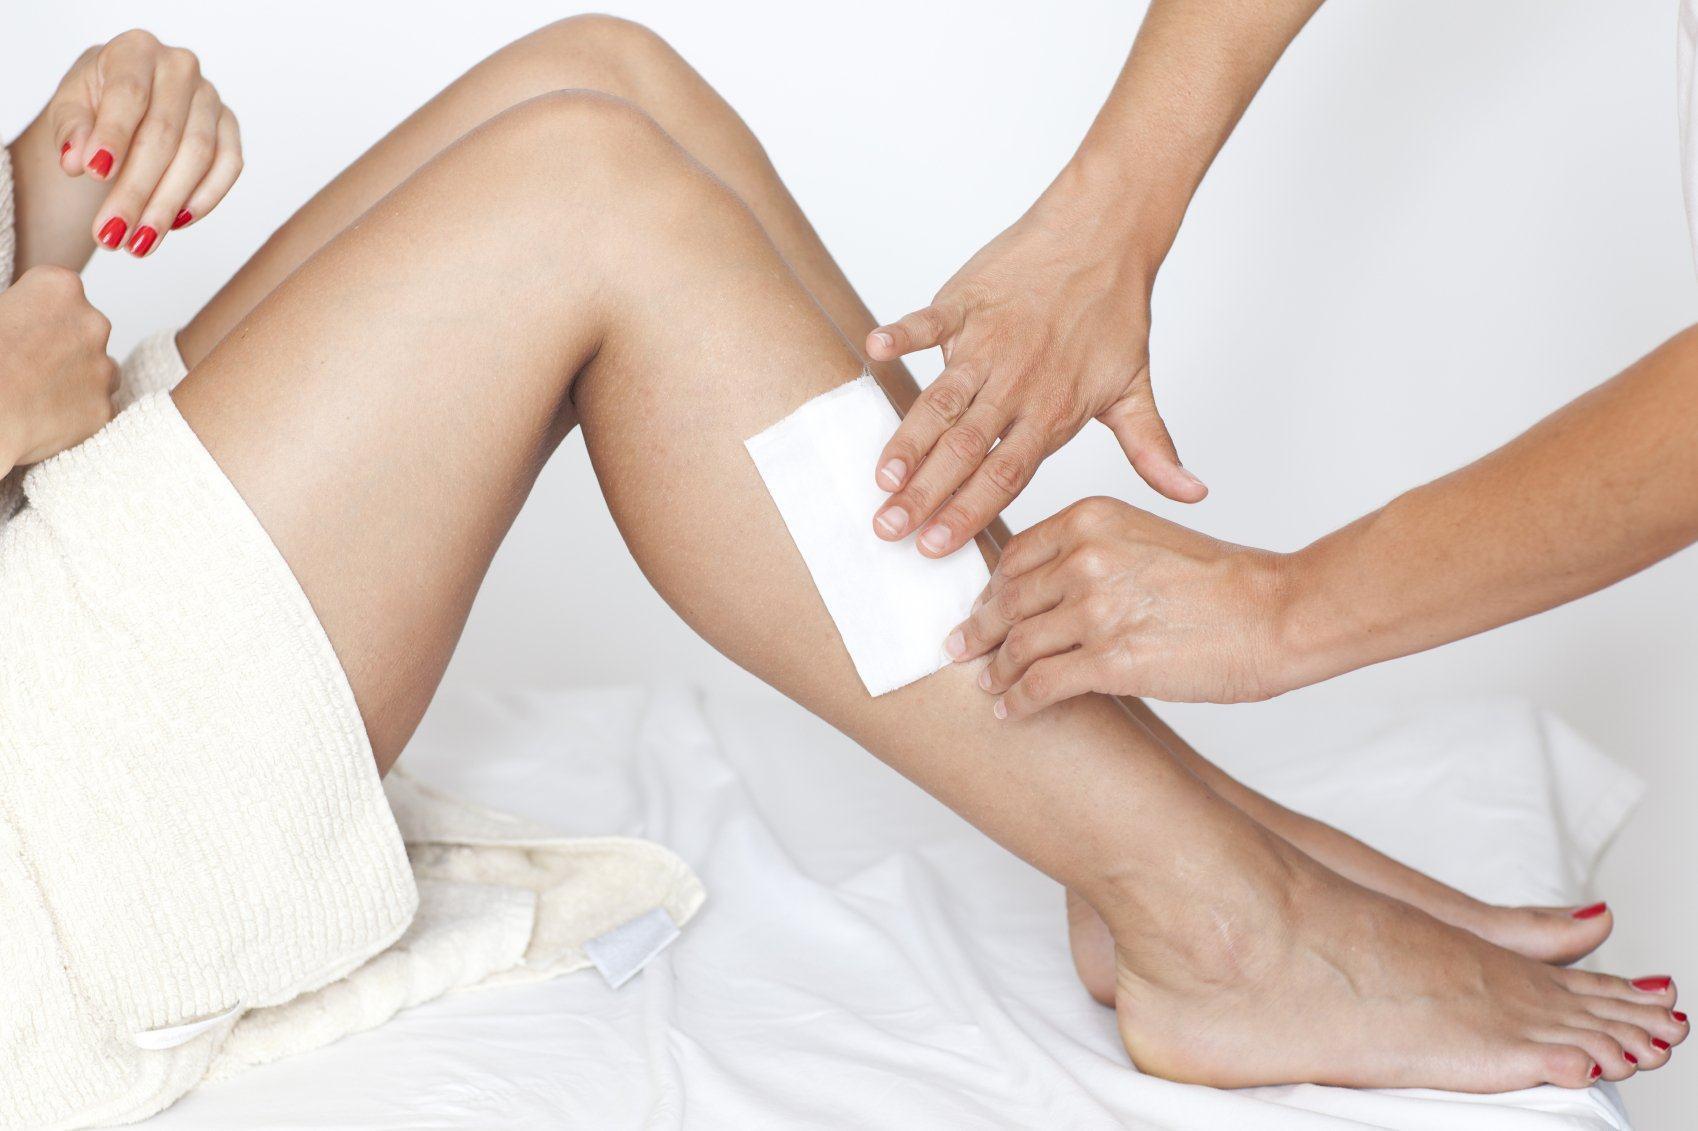 Cách wax lông nách bằng sáp nóng hiệu quả - kinh nghiệm từ spa